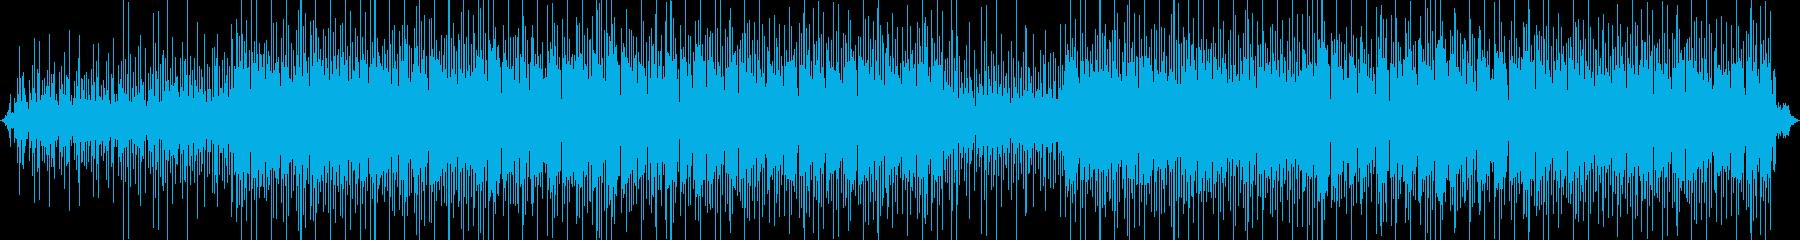 【映像制作】幻想的アコースティックギターの再生済みの波形